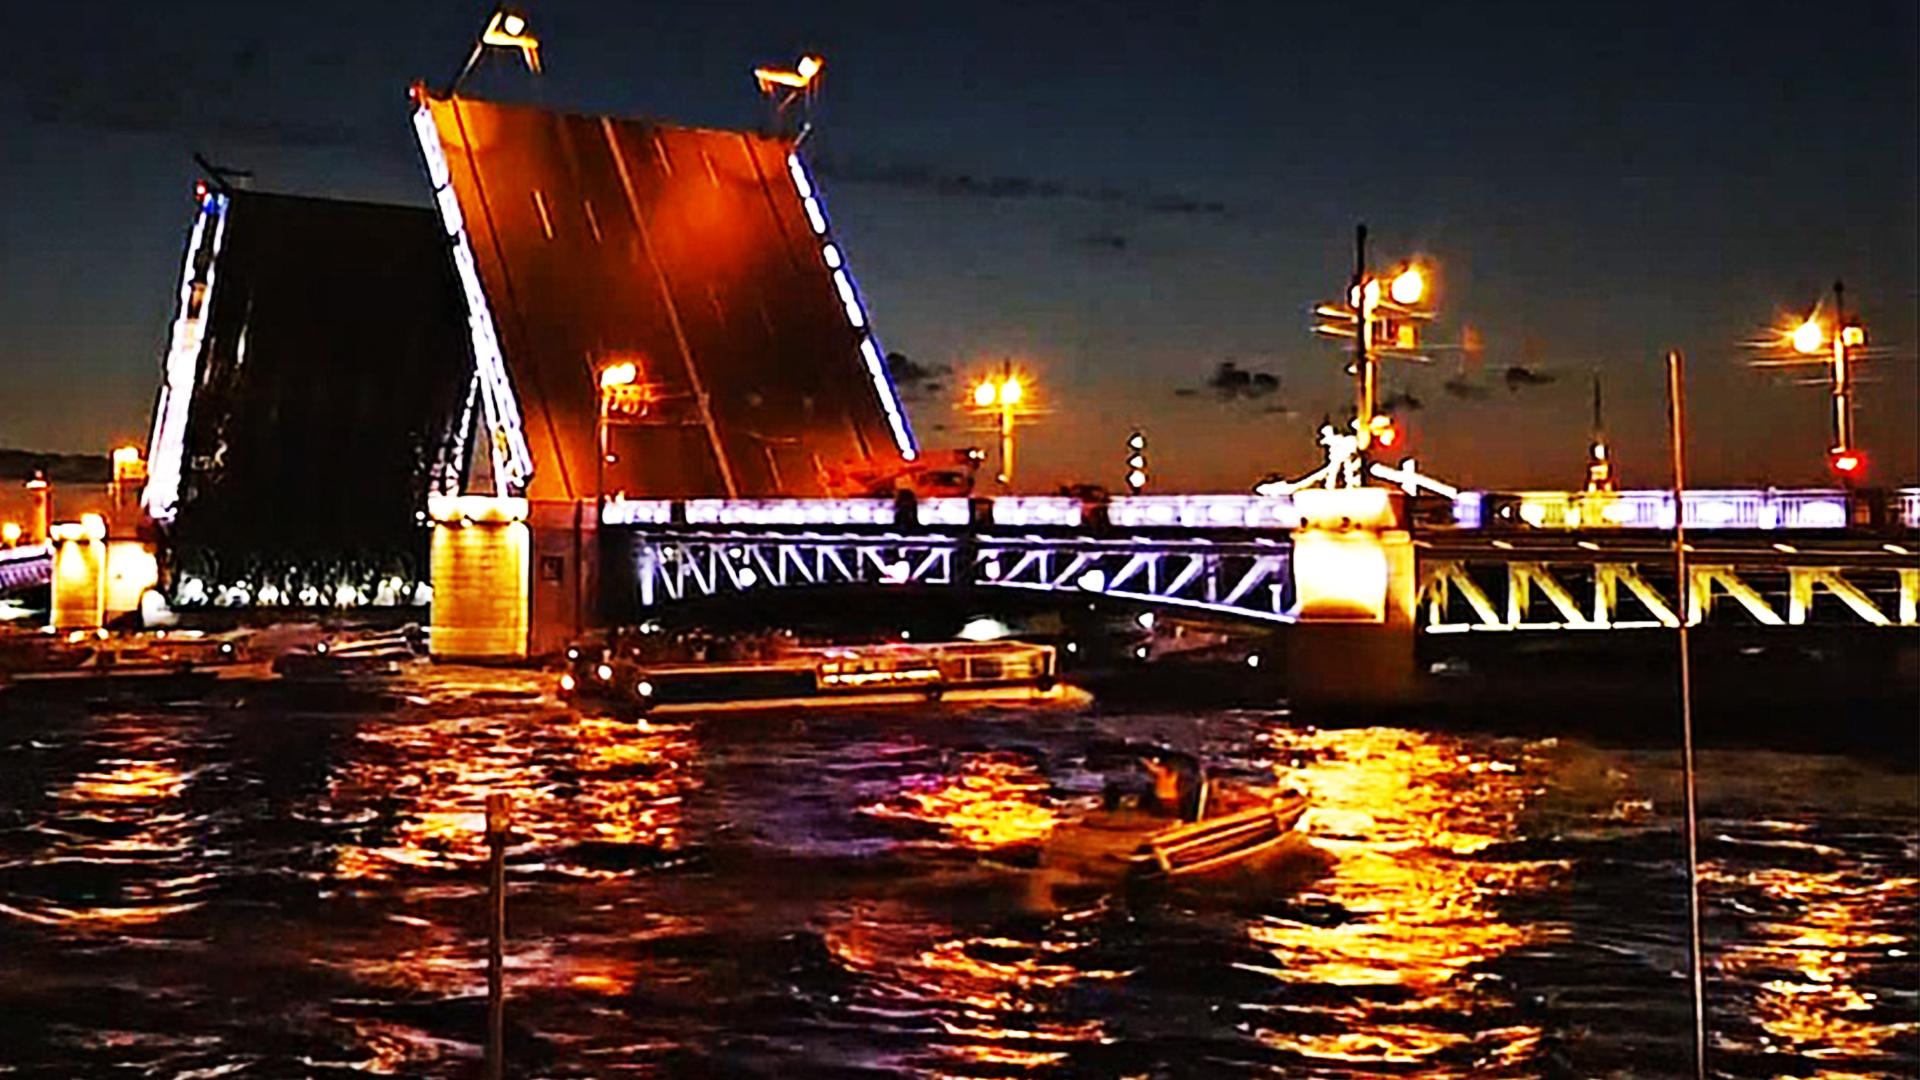 «Поющие мосты»: ночное шоу музыки и света в Санкт-Петербурге